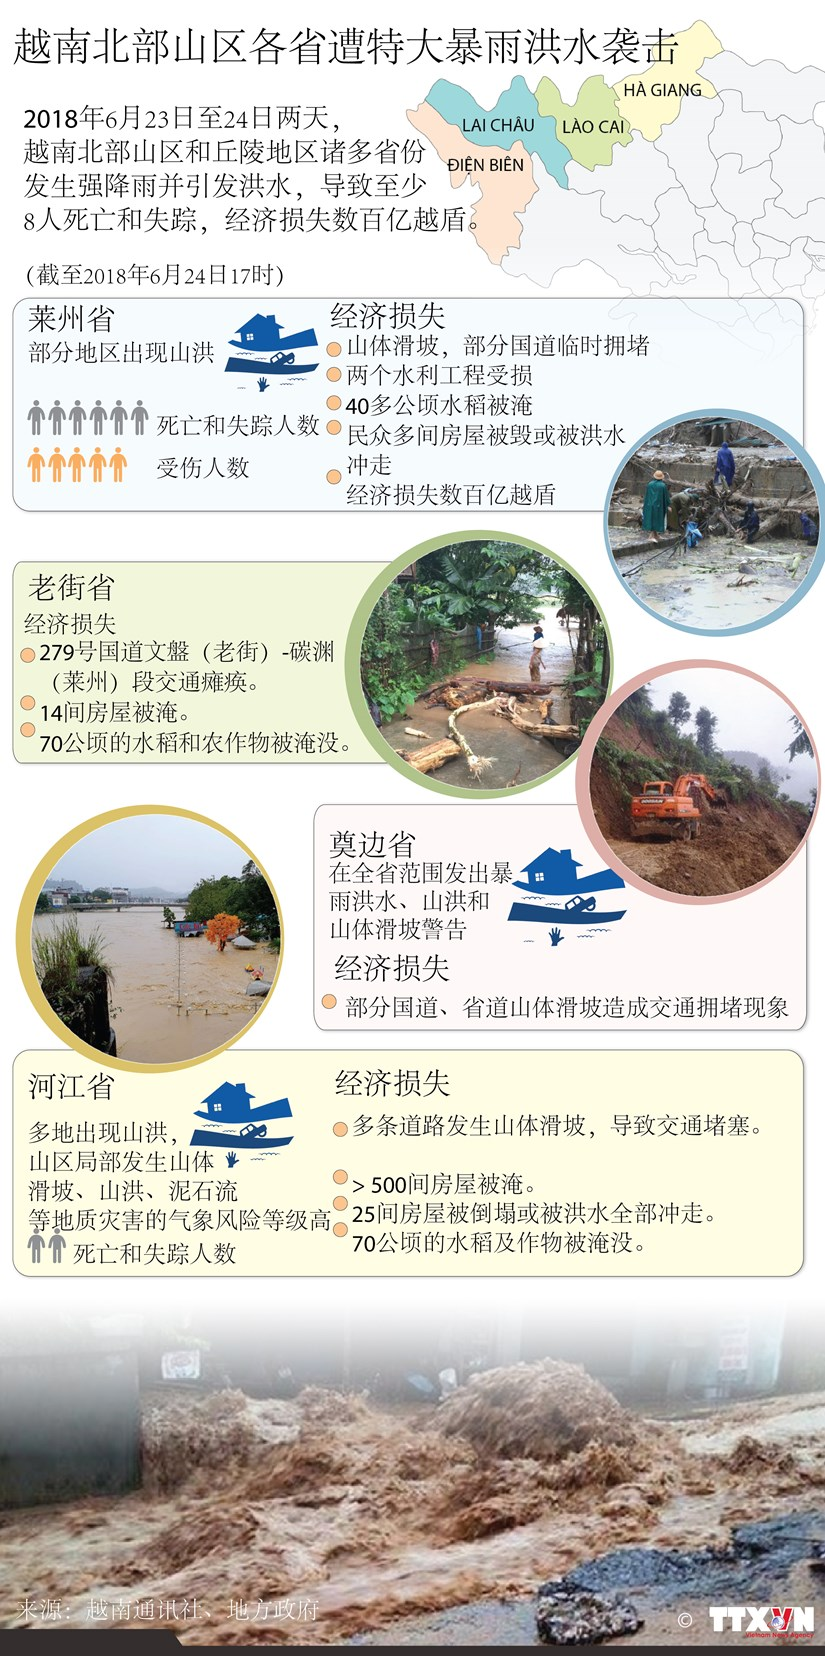 图表新闻:越南北部山区各省遭特大暴雨洪水袭击 经济损失甚大 hinh anh 1